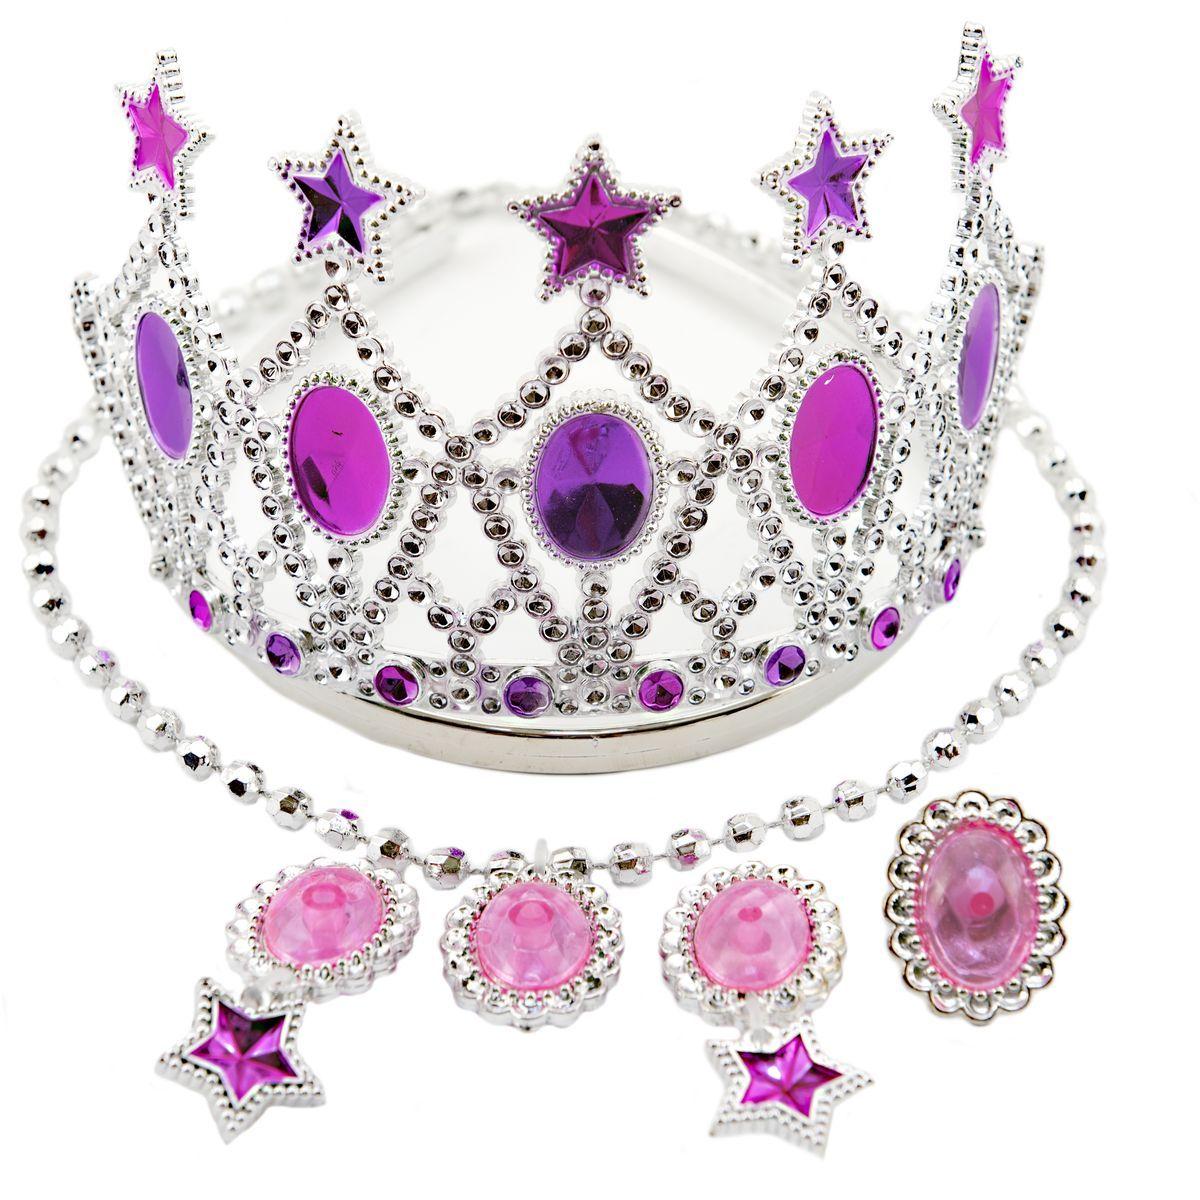 Sada krásy s plastovou korunkou a náhrdelníkem s naušnicemi karneval